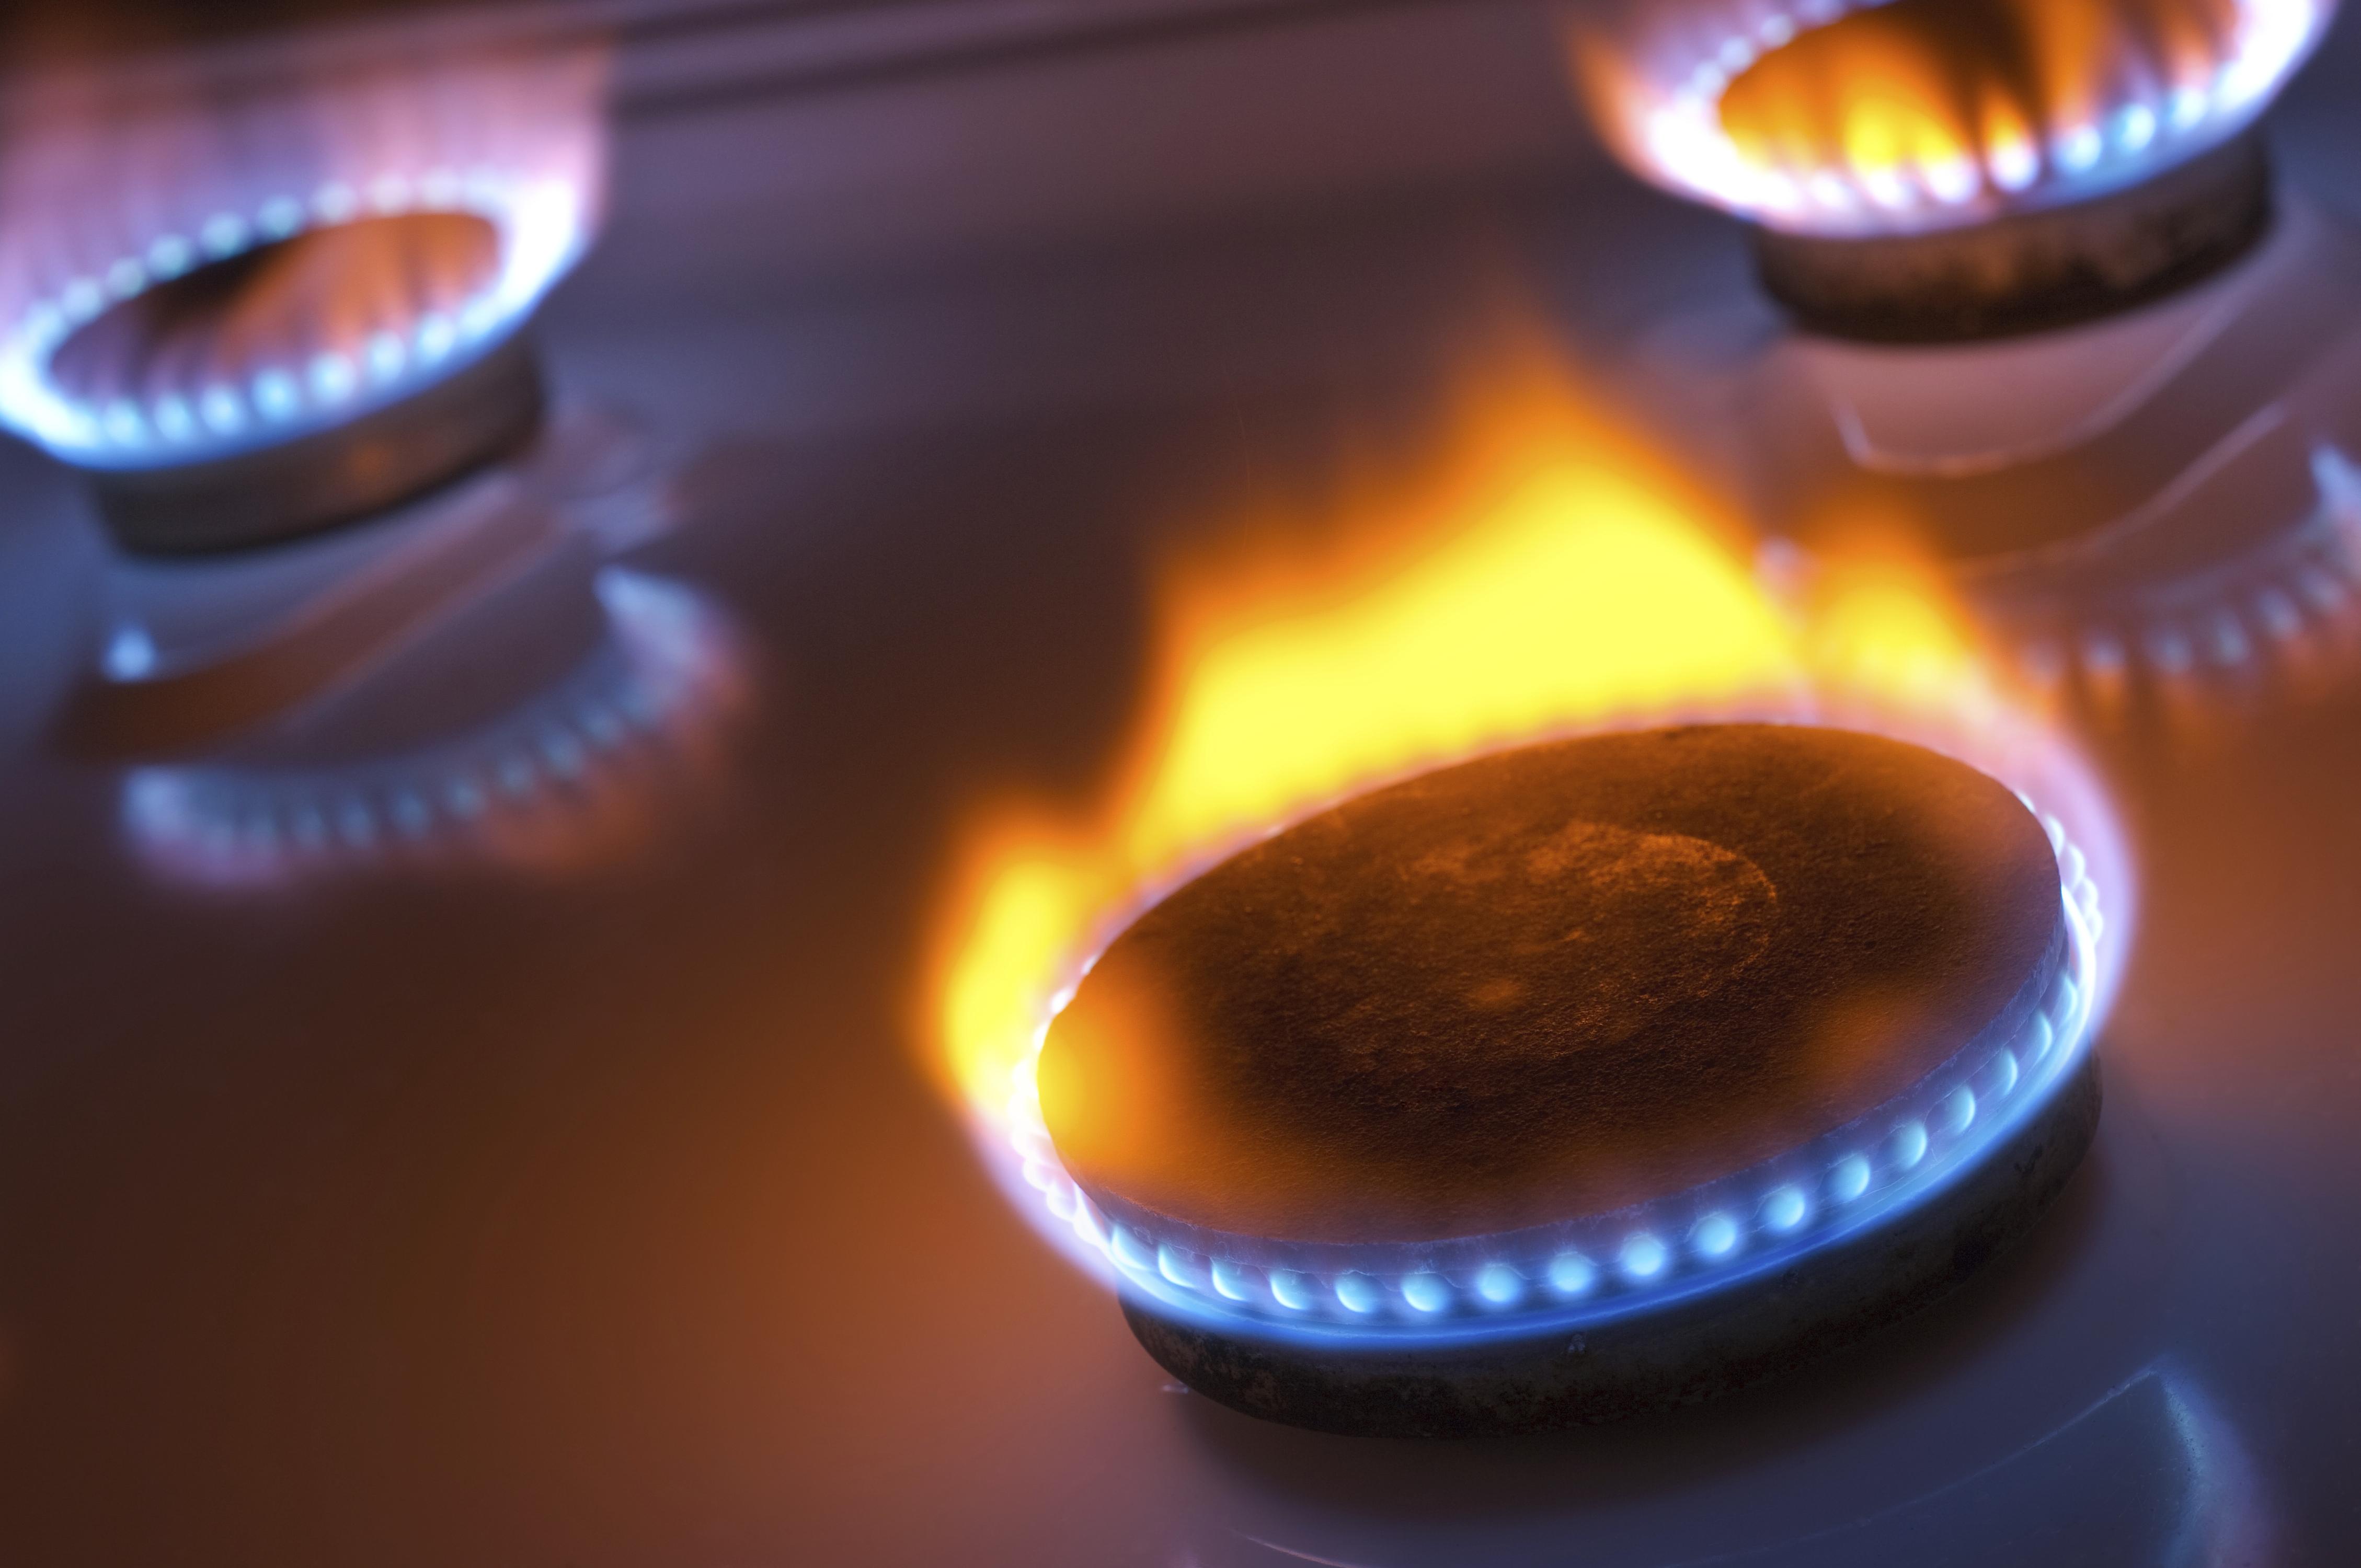 Les Ooreka 10 Fréquentes Plus Domestique Causes D'incendie OZwlkuTPXi